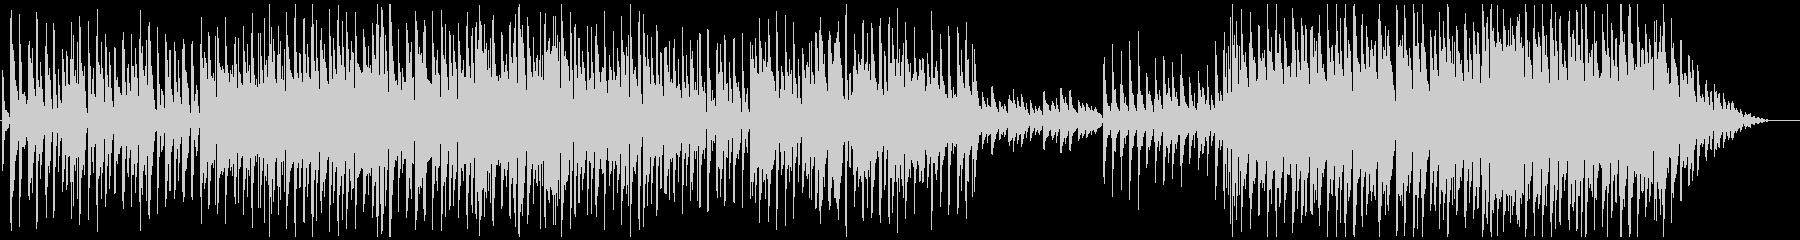 ミディアプテンポせつなピアノメロ曲の未再生の波形